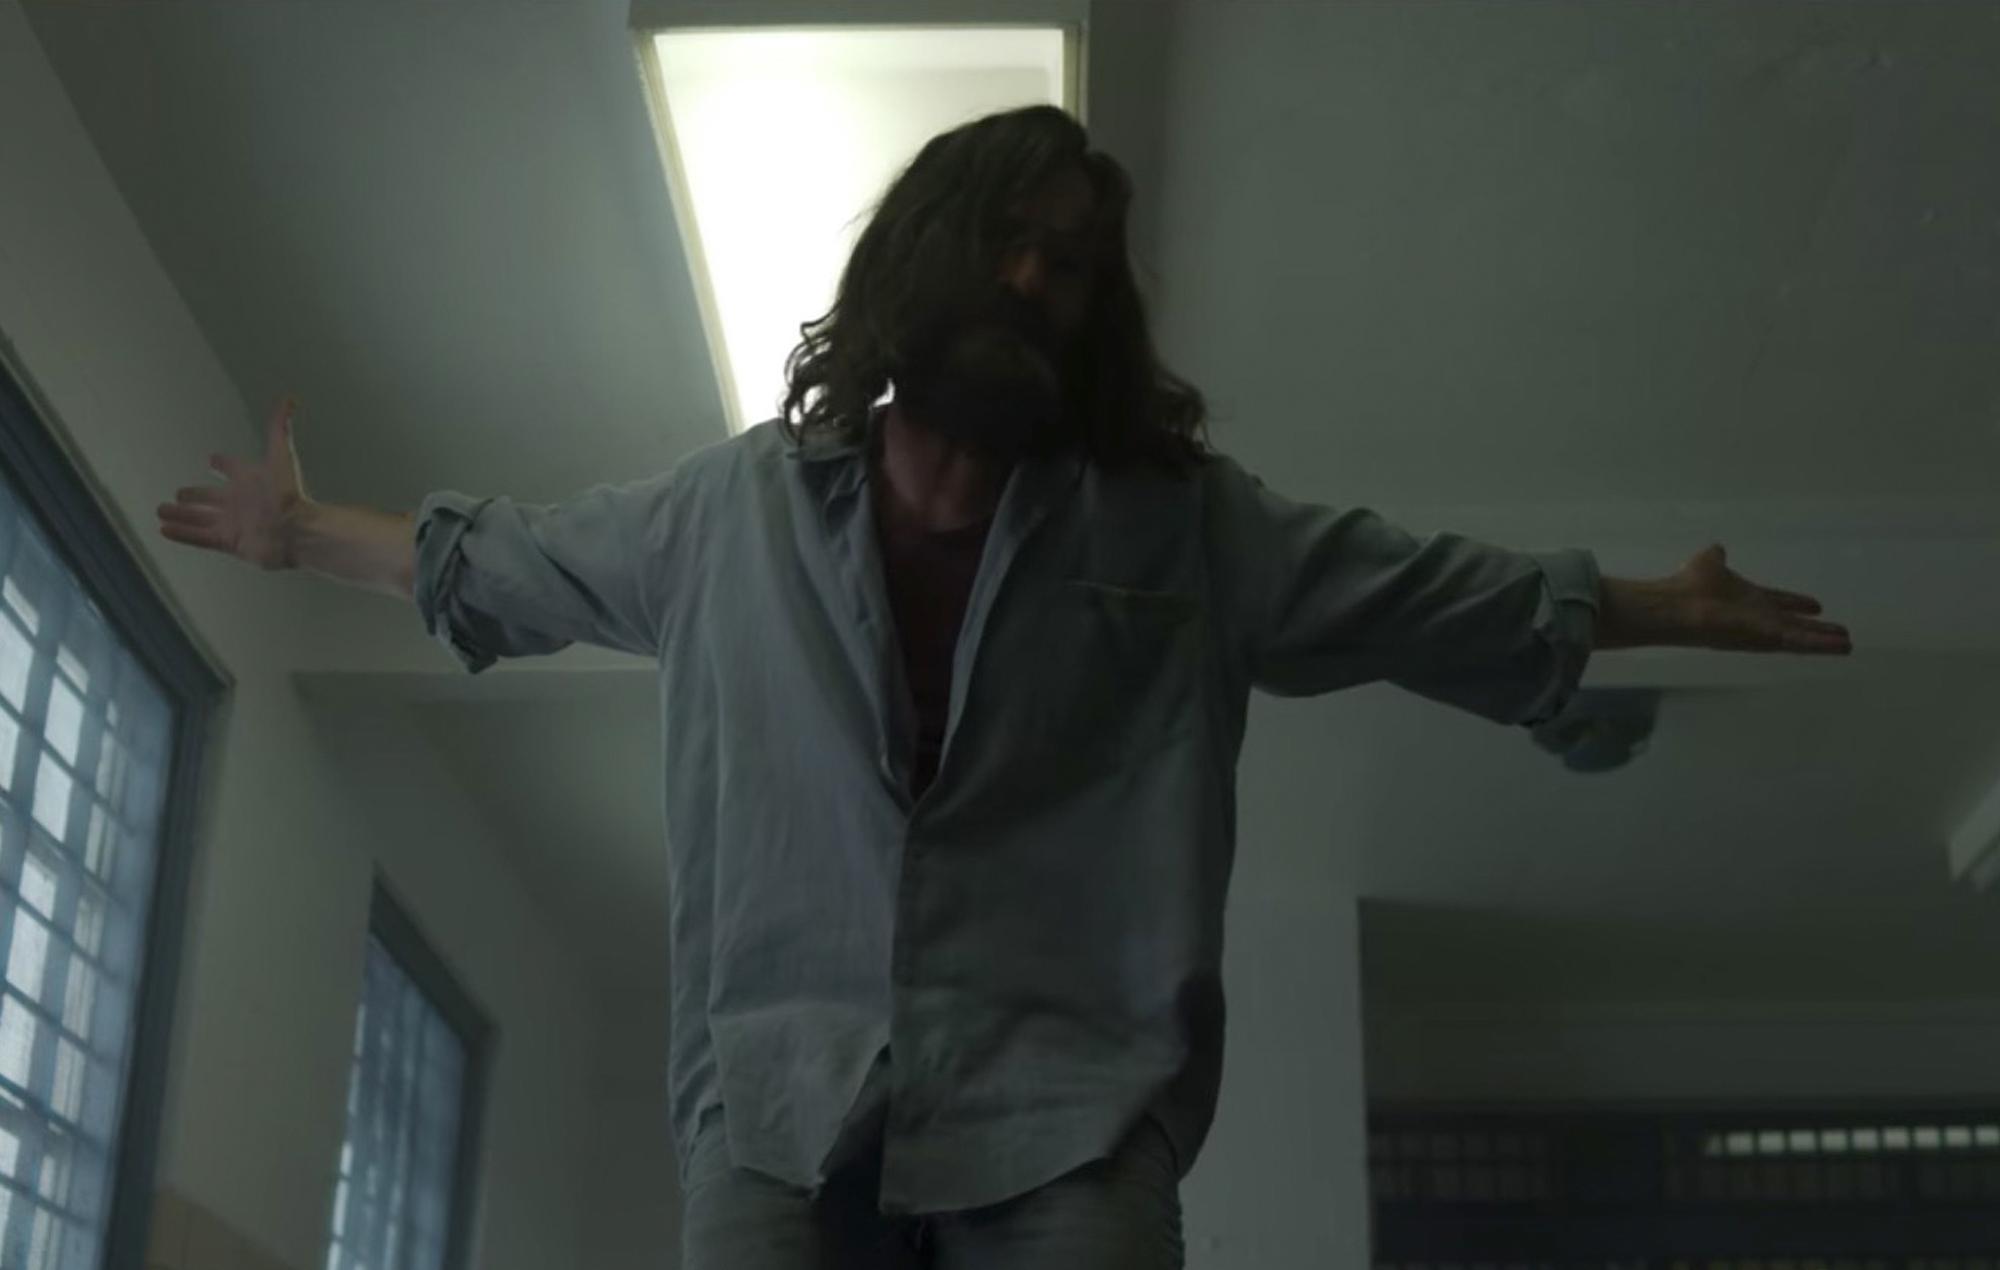 Mindhunter season 2 episode 5 Charles Manson Damon Herriman actor